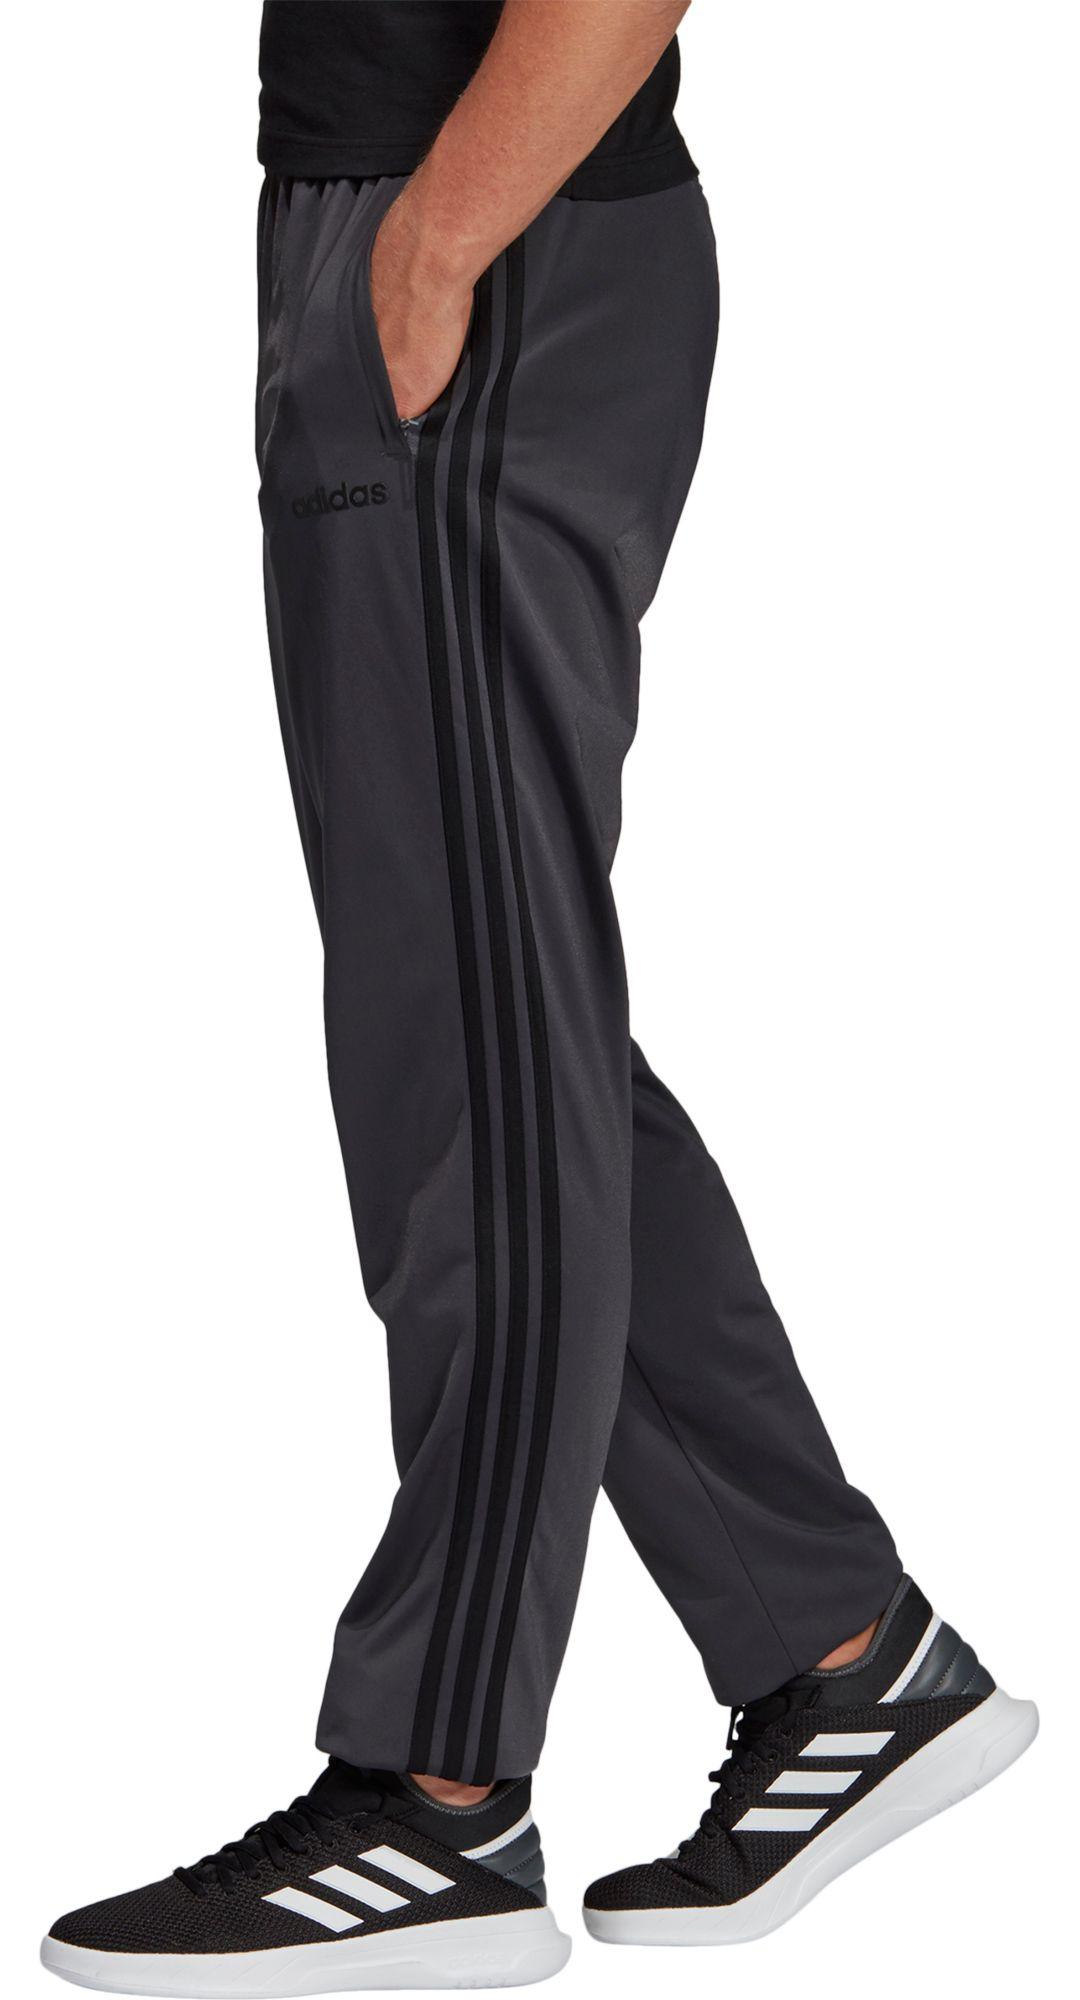 adidas Men's Essentials 3 Stripes Pants